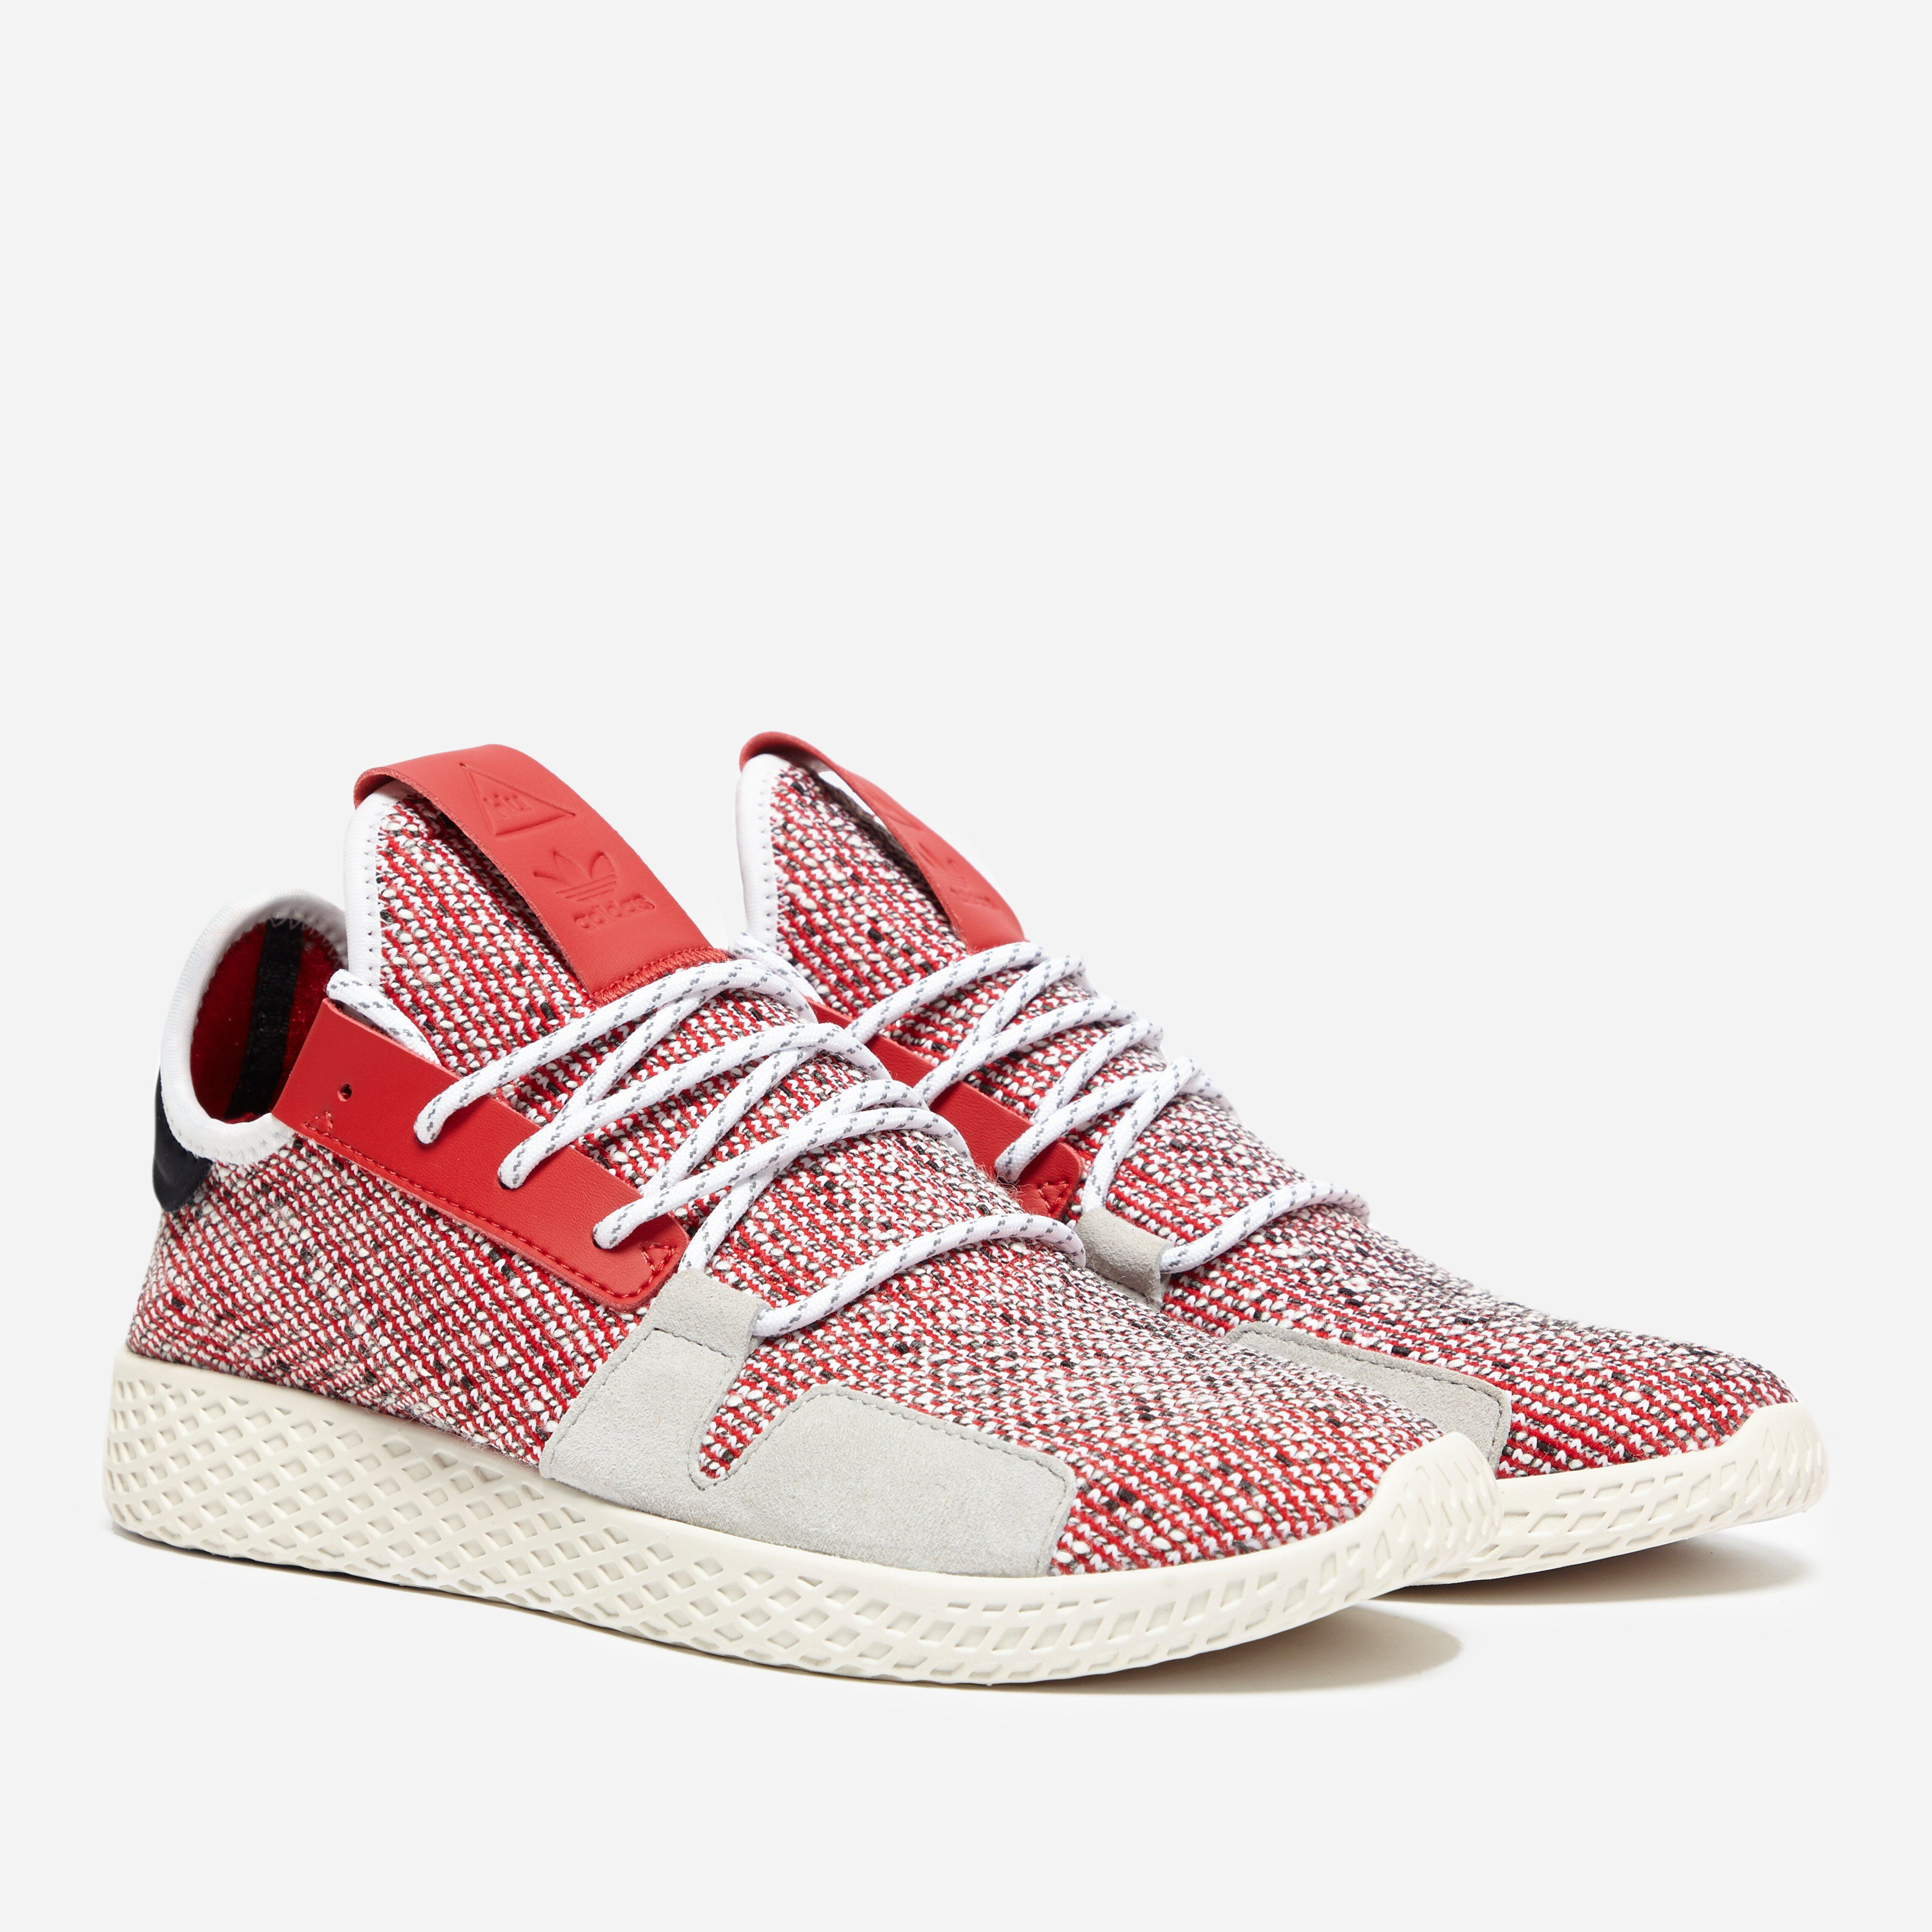 0d9f8bf2e4ba7 adidas Originals x Pharrell Williams Solar HU Tennis V2  Afro Pack ...